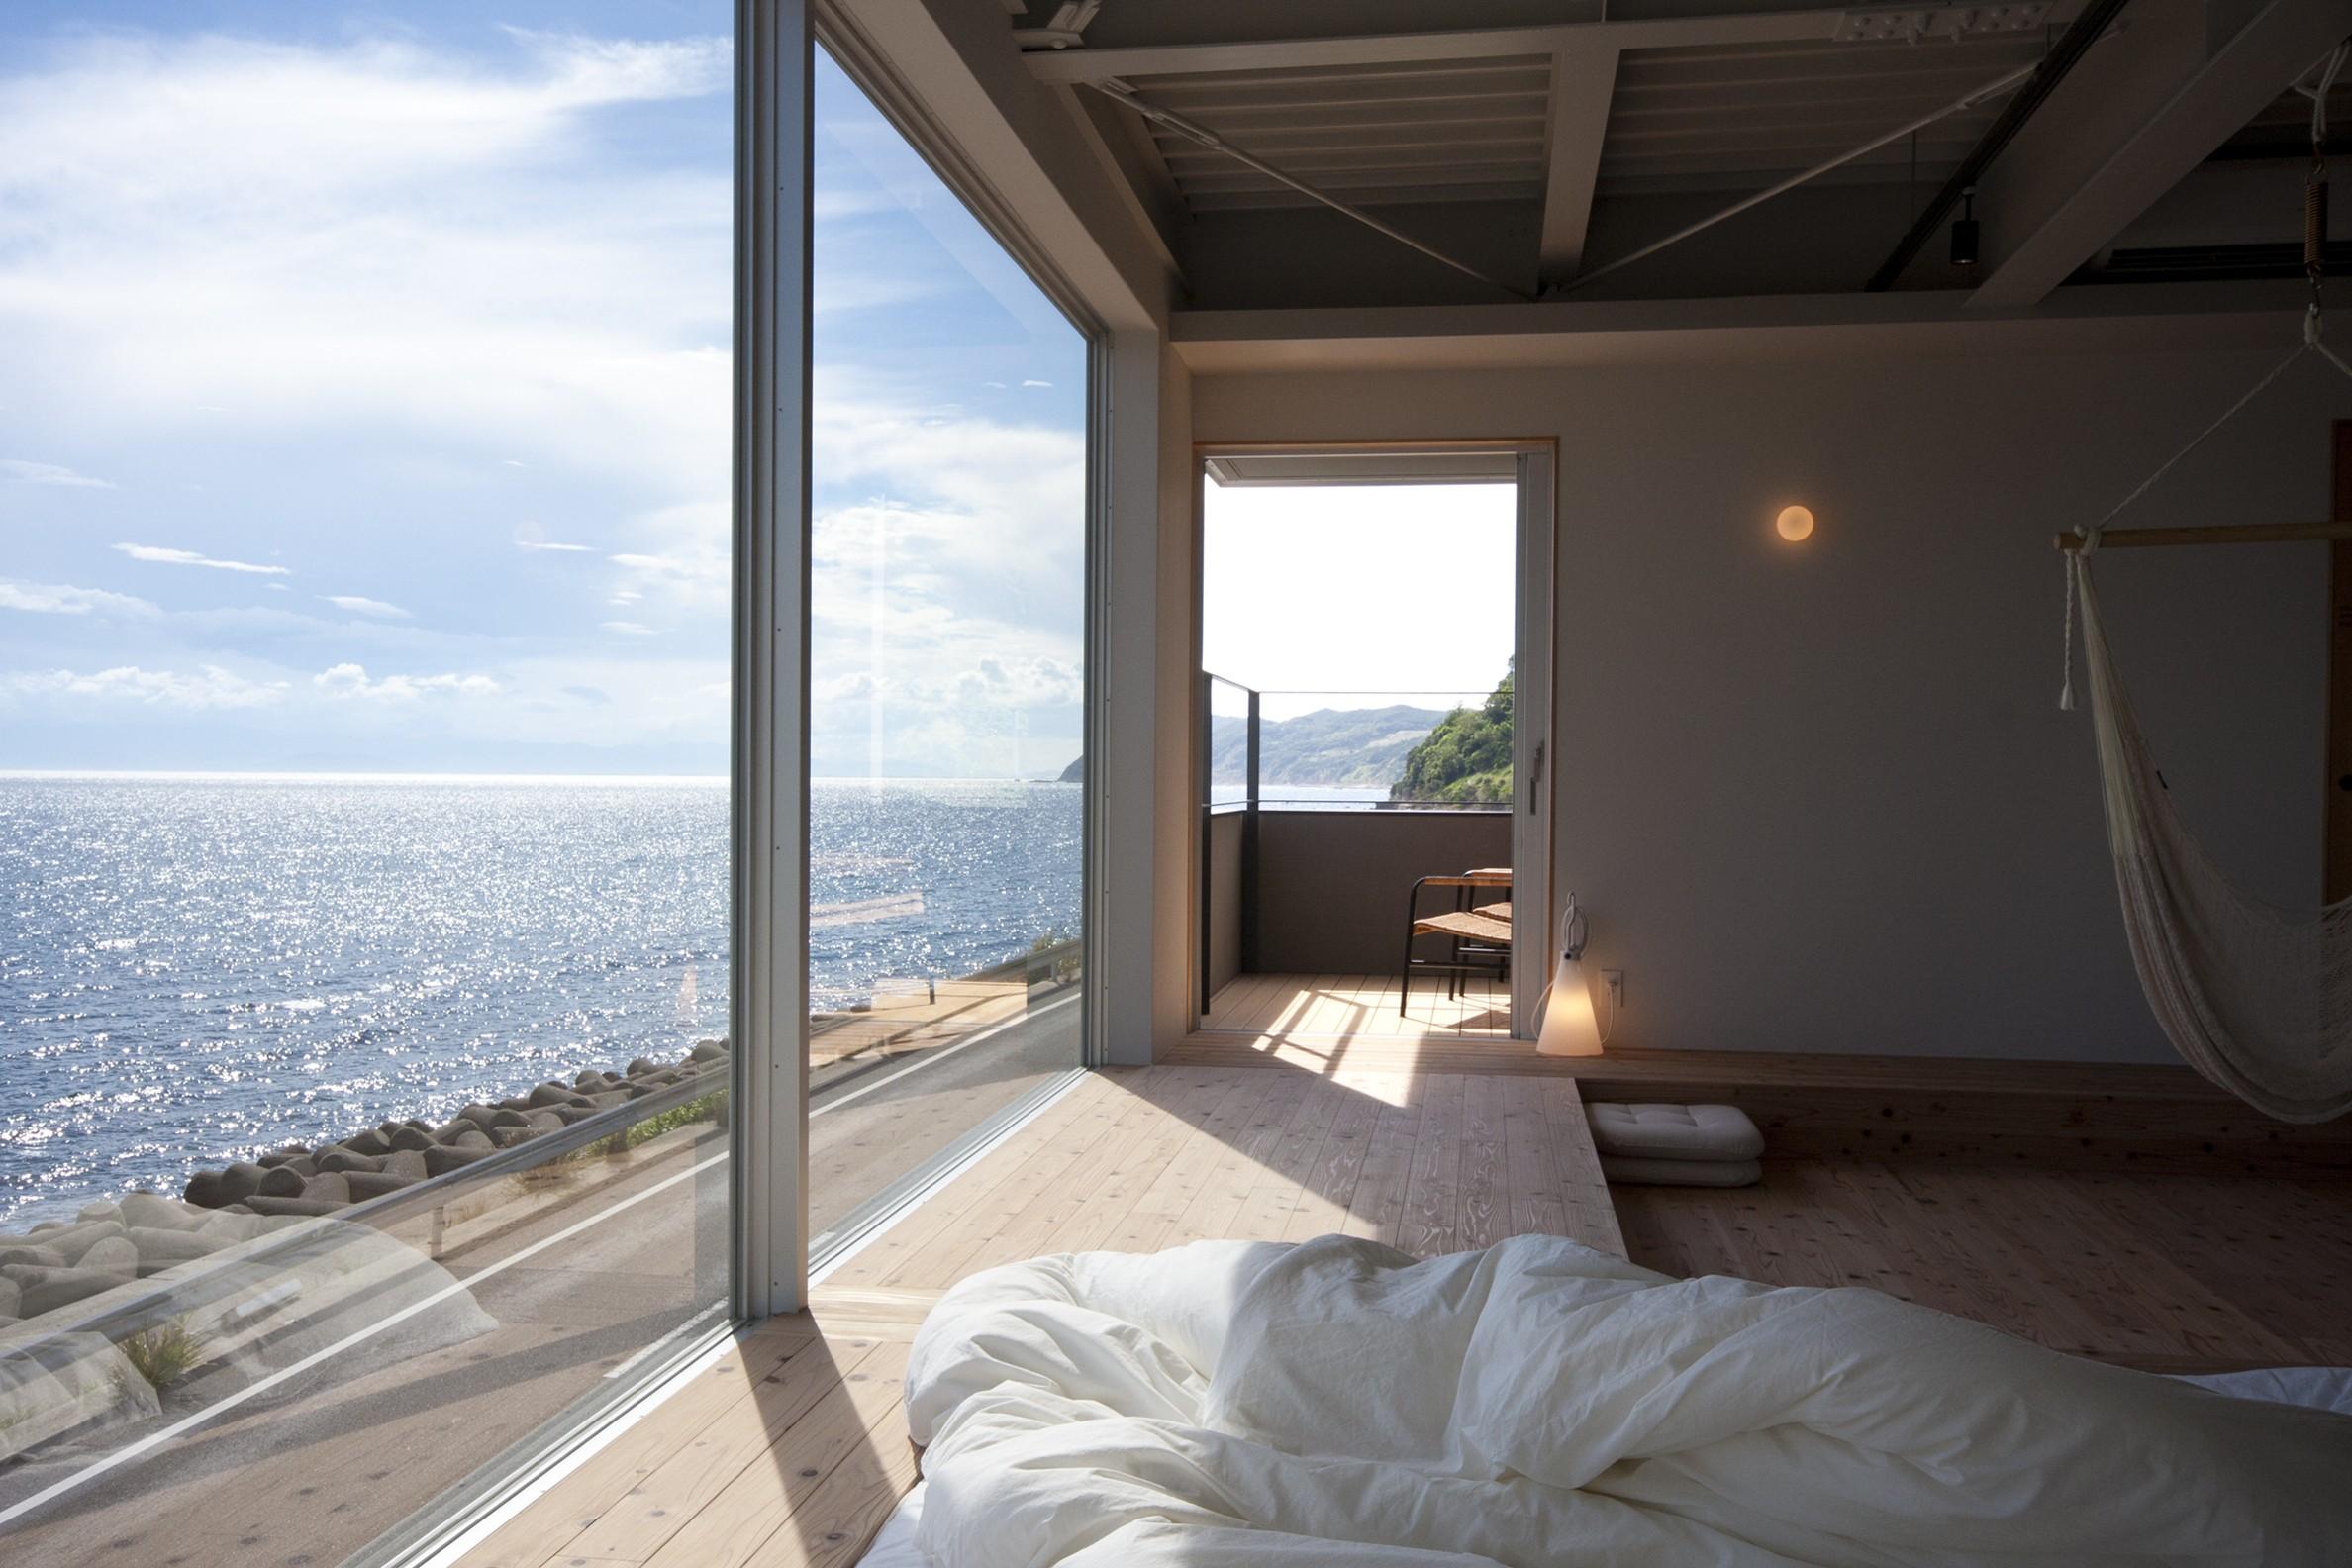 リビングダイニング事例:リビングから海をみる(private villa nook)